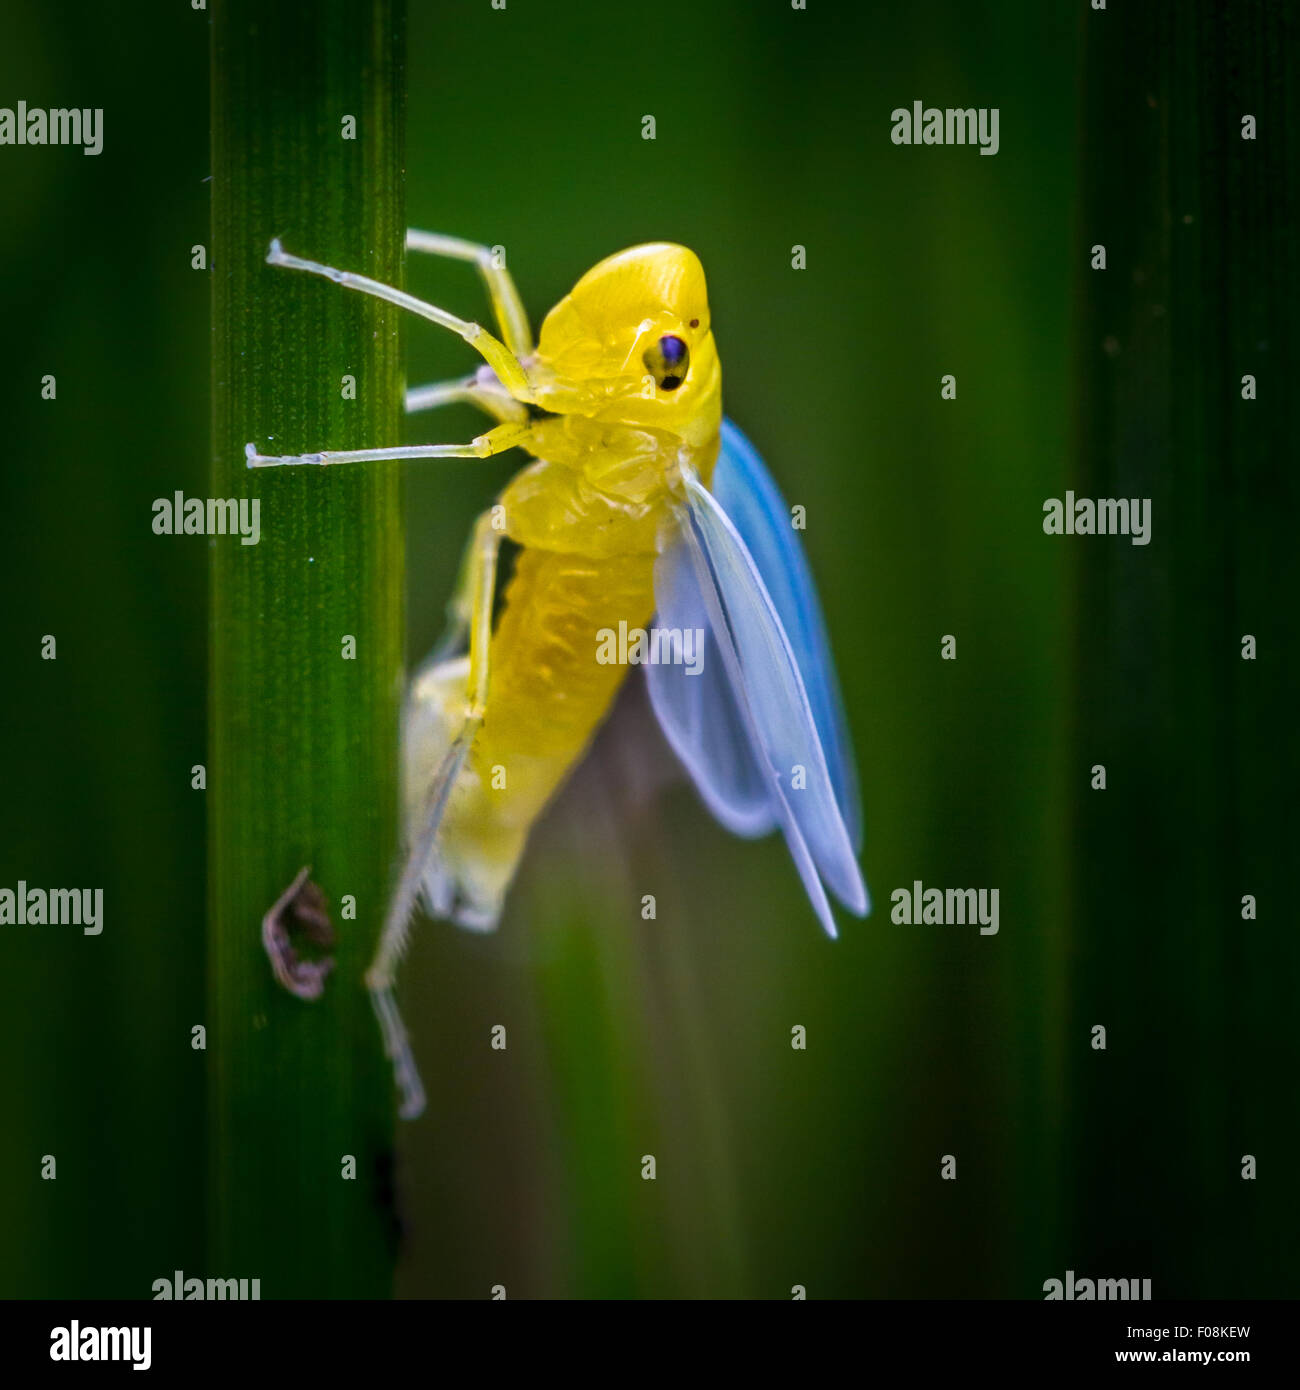 Grüne Leafhopper (Cicadella Viridis) - entsprang neu Nymphe mit Außenmantel noch auf dem Halm - warten Stockbild